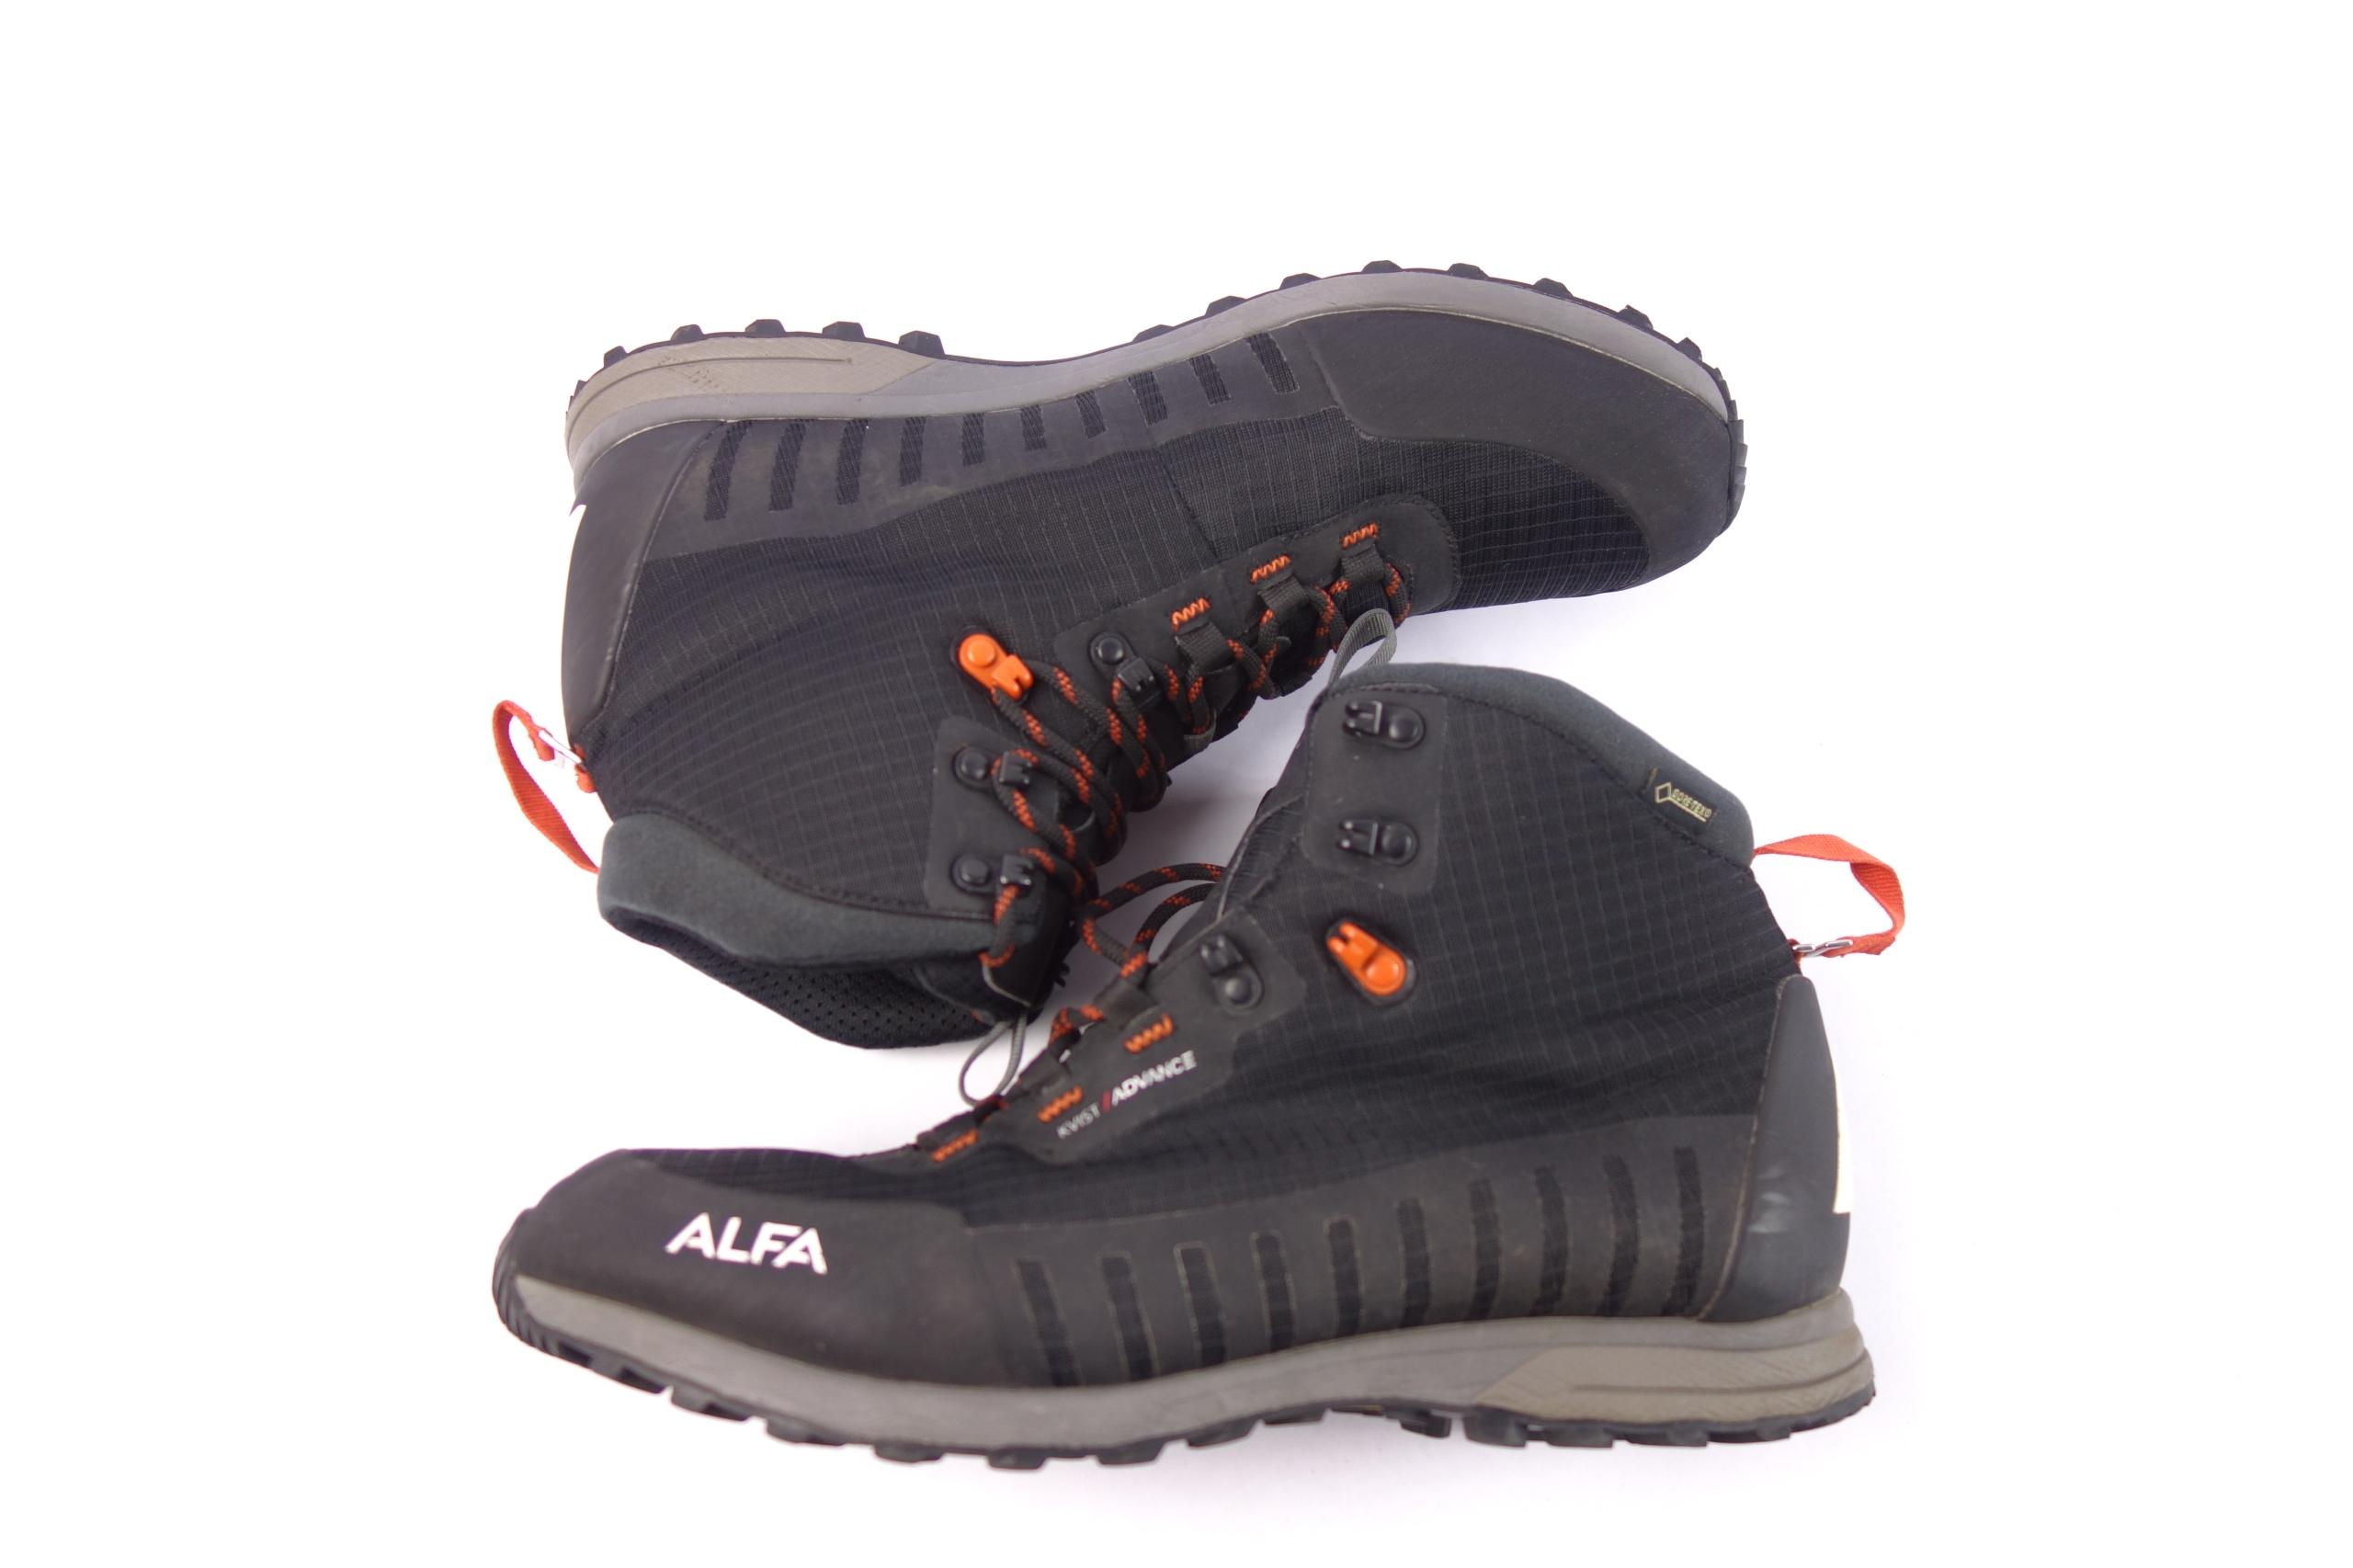 Norweskie Buty Trekkingowe ALFA KVIST ADVANCE GTX - 7603120226 ... 202d4b914c6d8